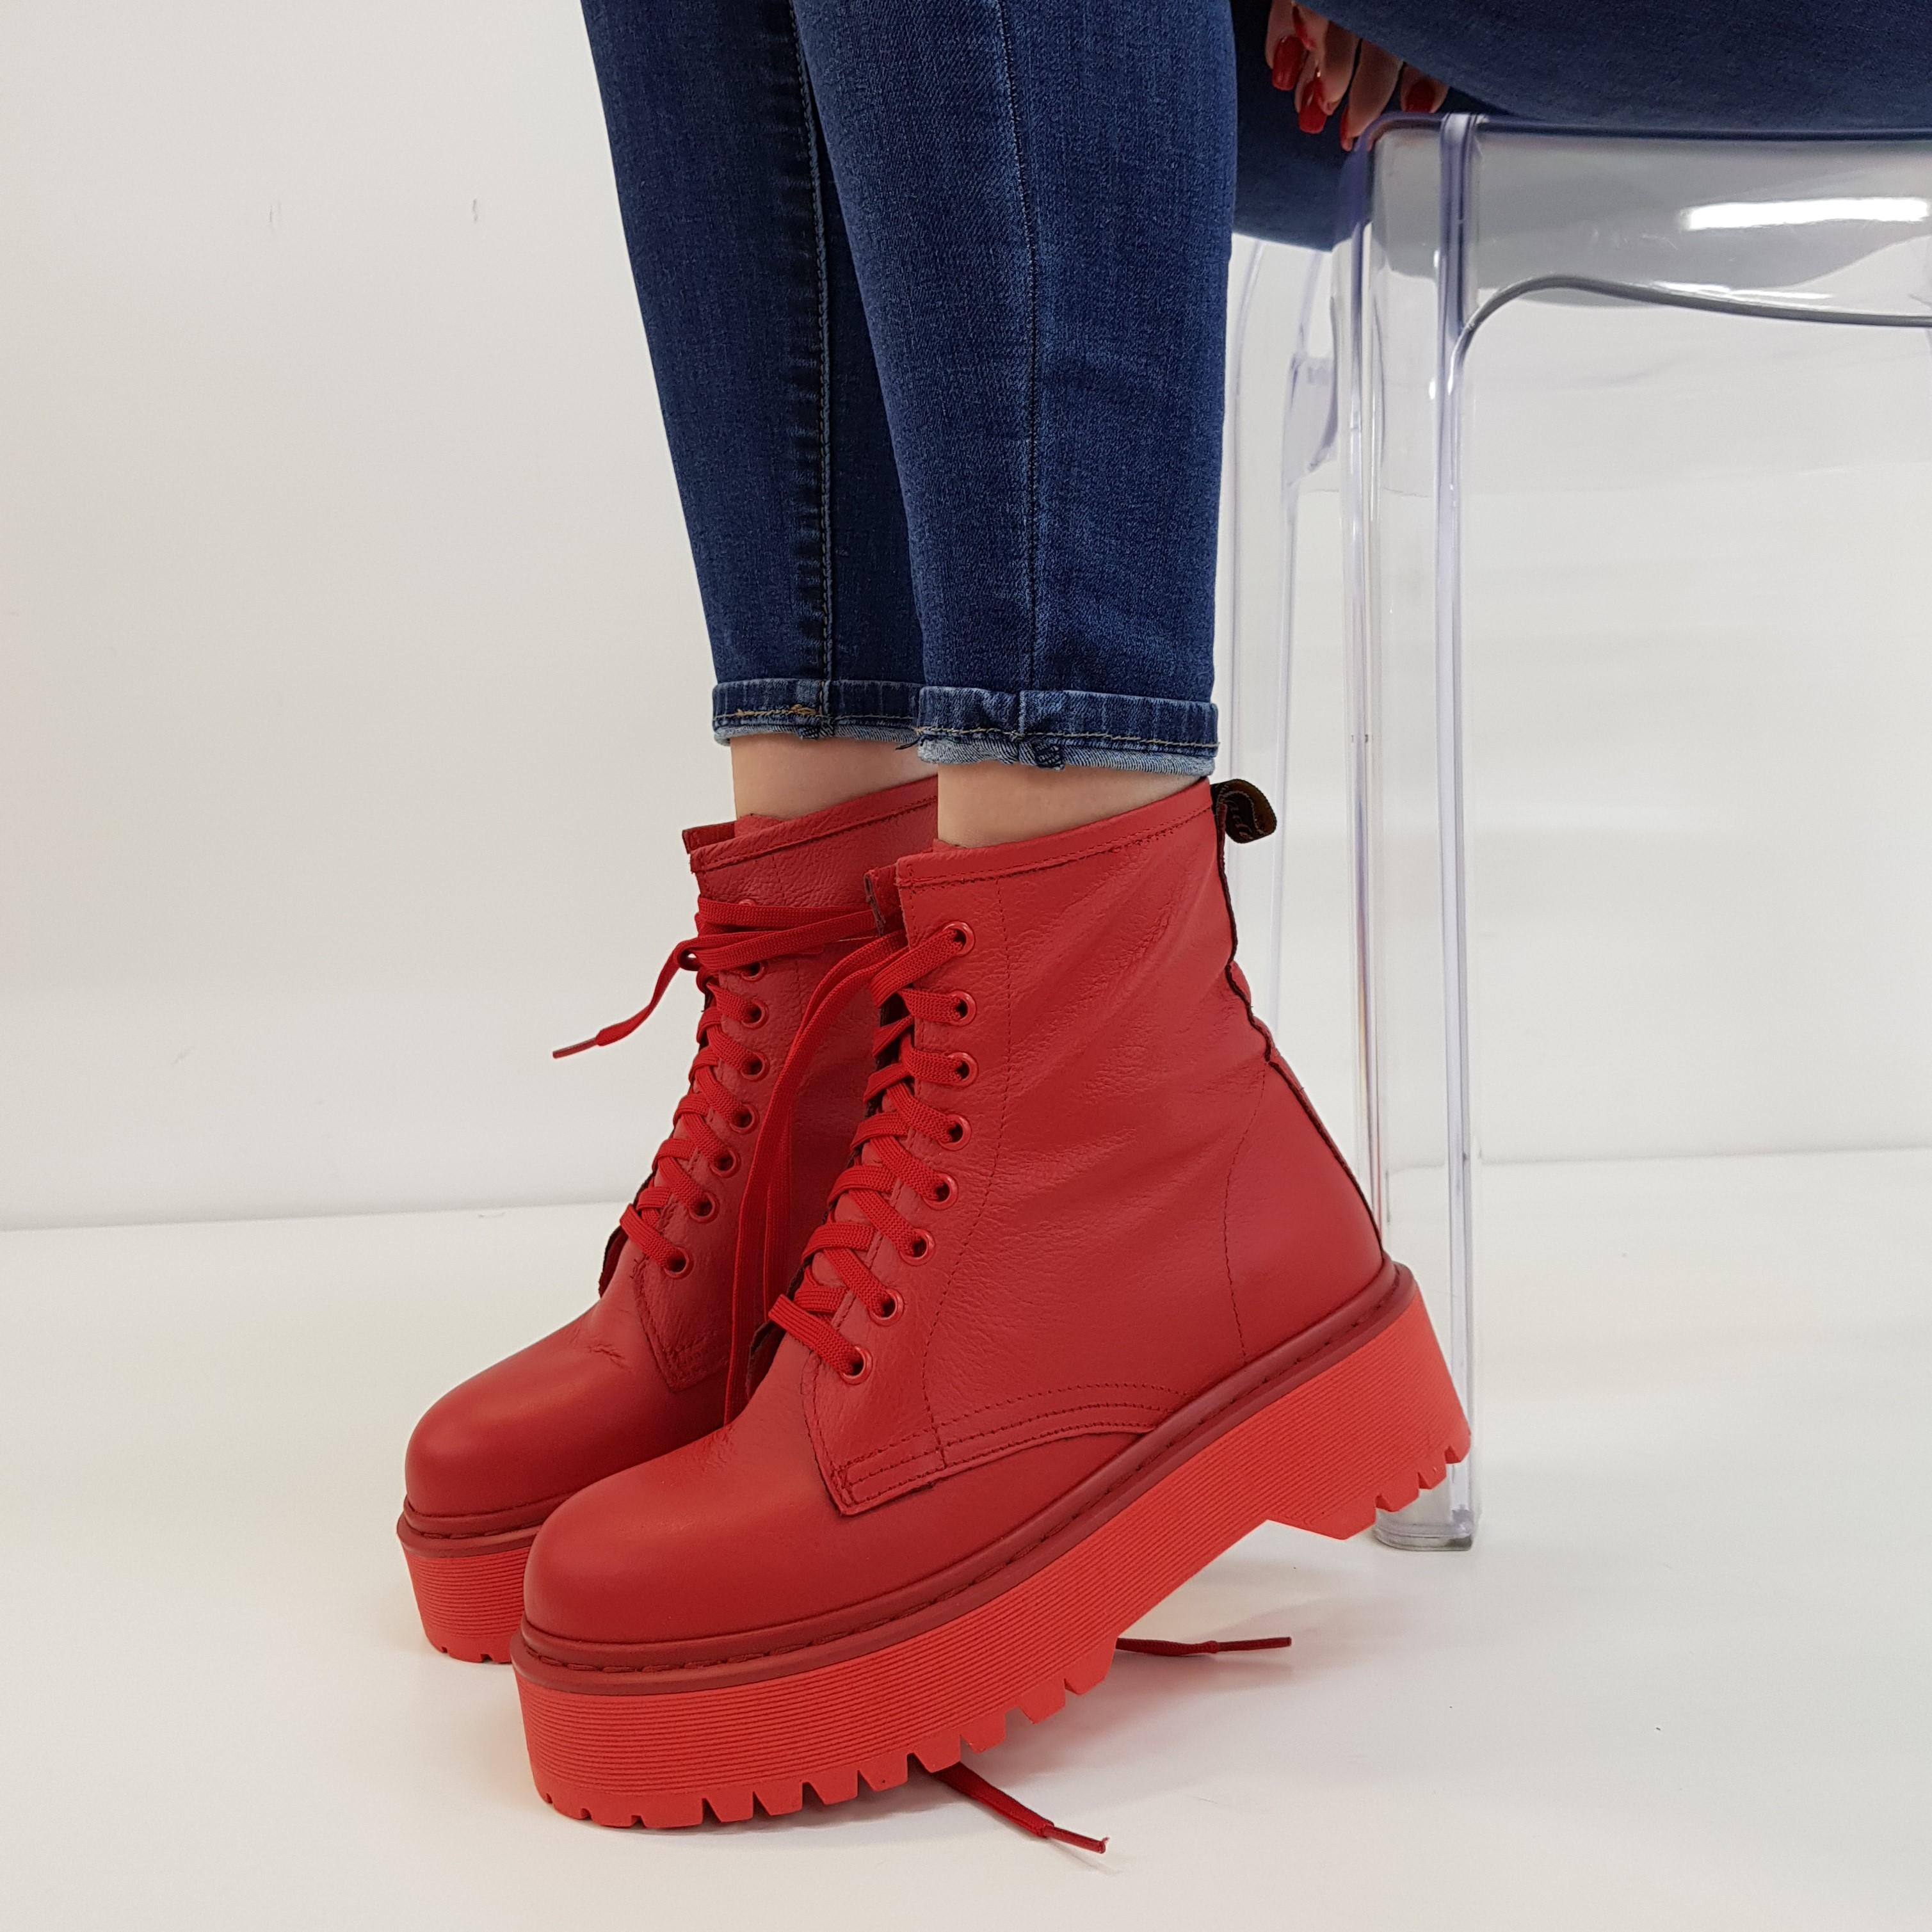 Stivaletti lacci pelle rosso total oxford - Lia diva calzature ...